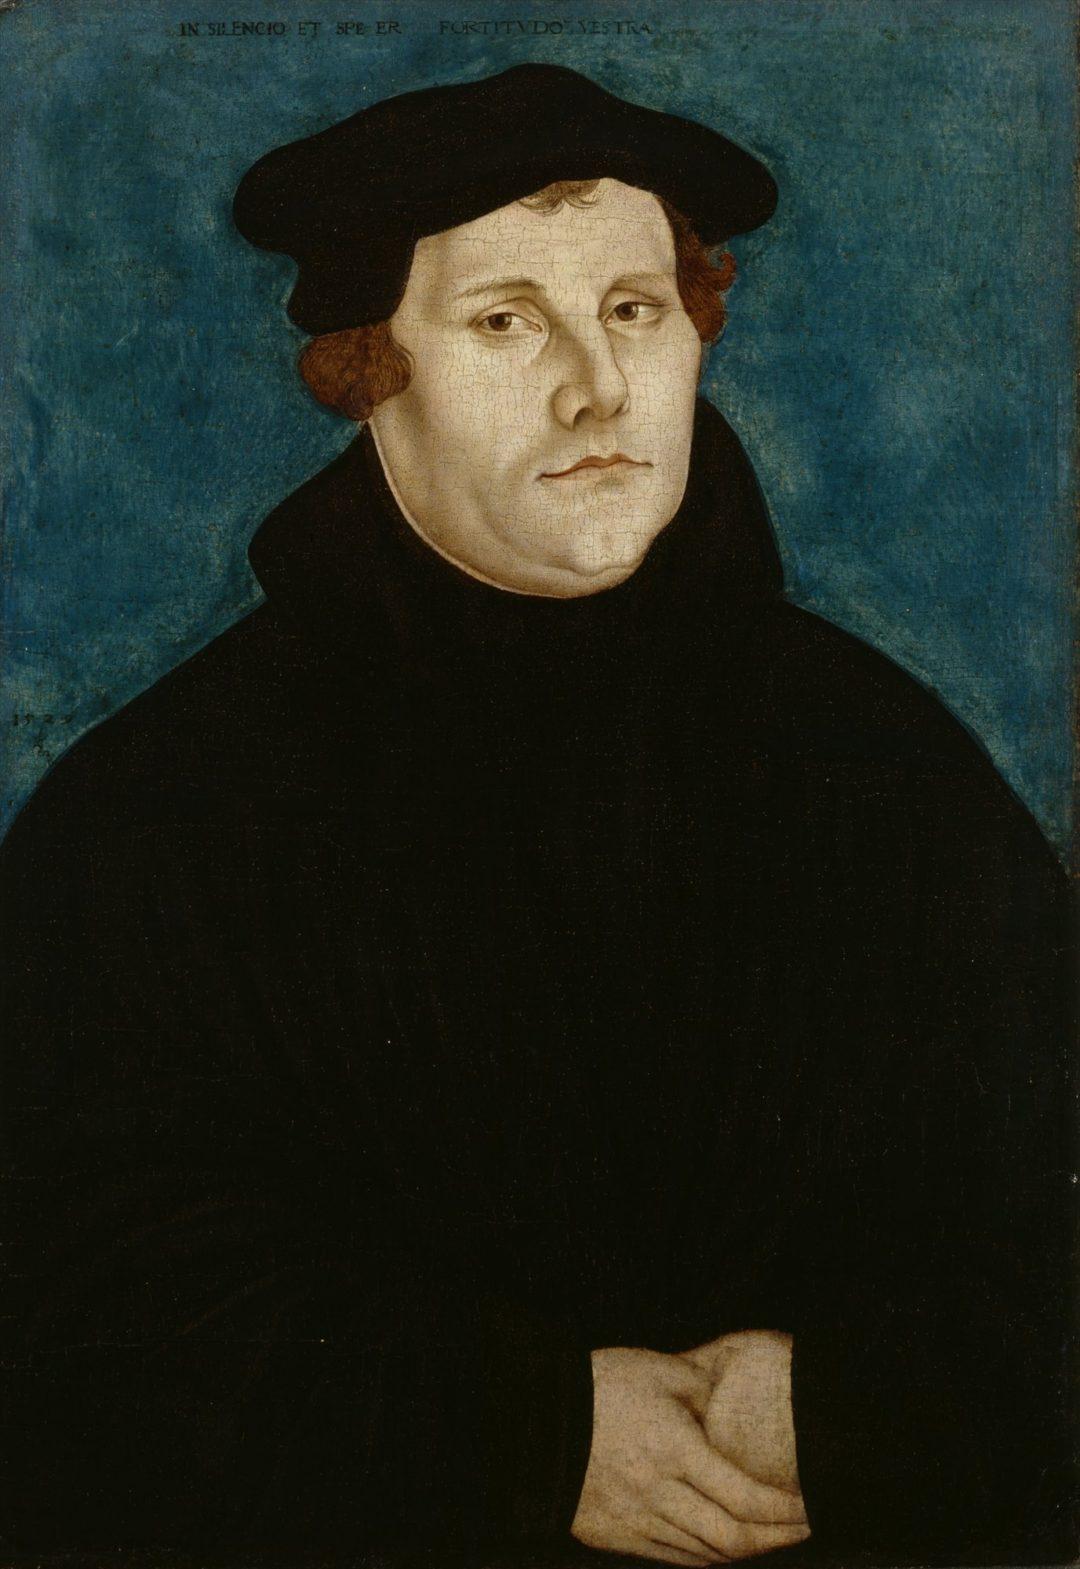 par Lucas Cranach.